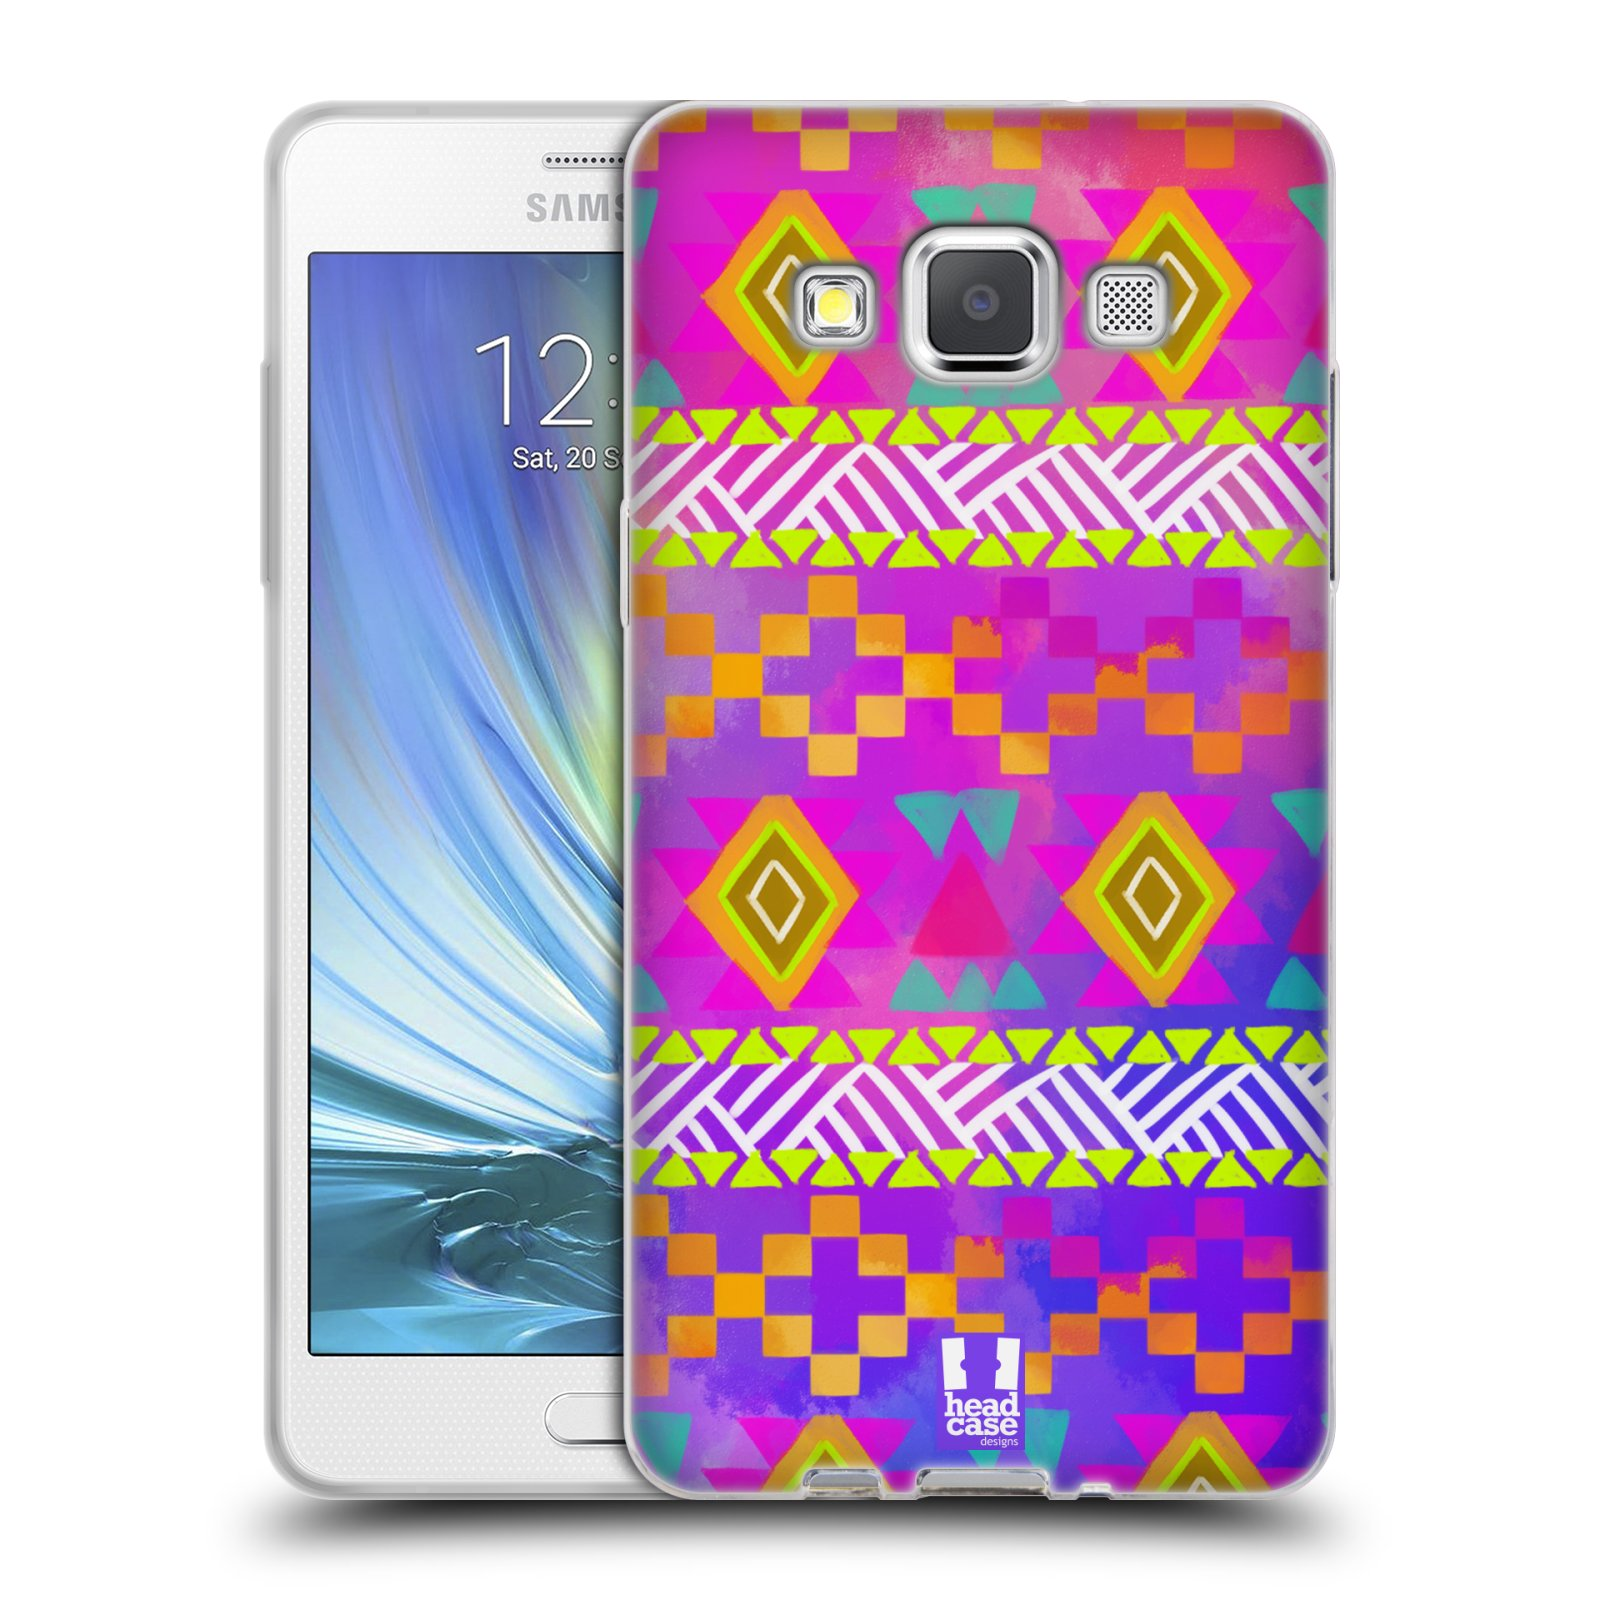 HEAD CASE silikonový obal na mobil Samsung Galaxy A5 vzor CIK CAK barevné znaky fuchsie